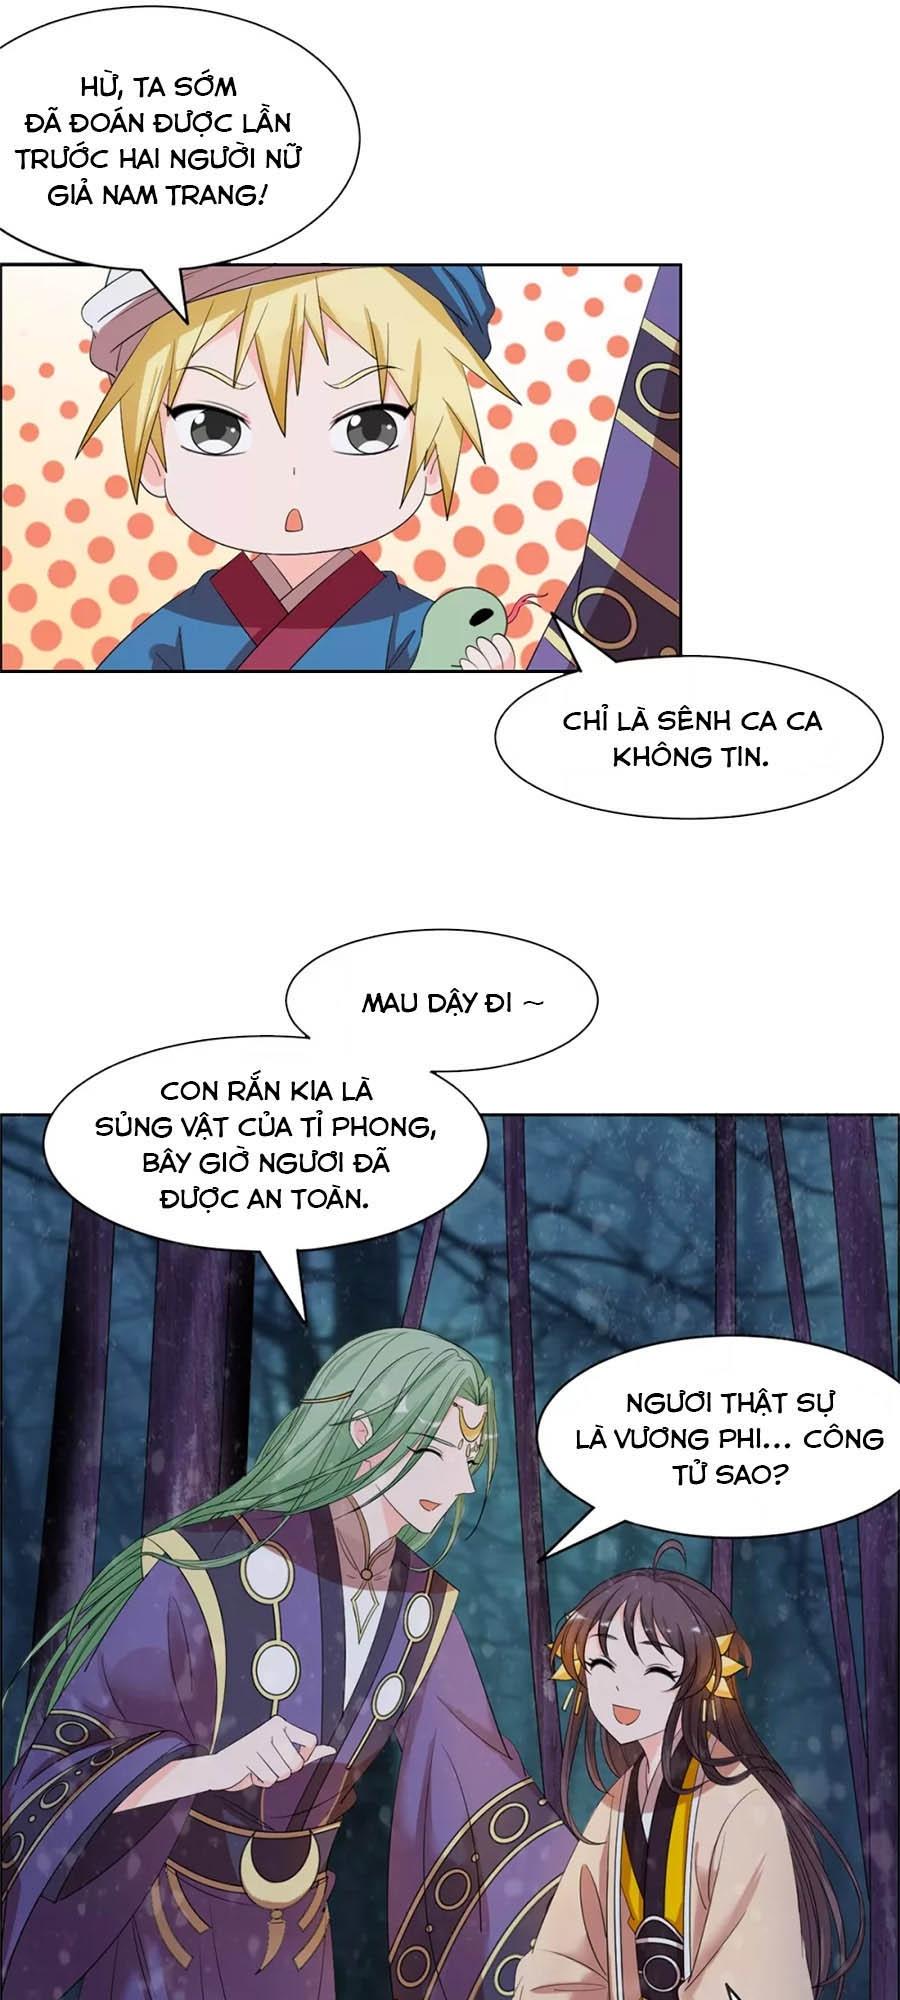 Vương Gia Là Đầu Đại Lão Hổ chap 92 - Trang 18